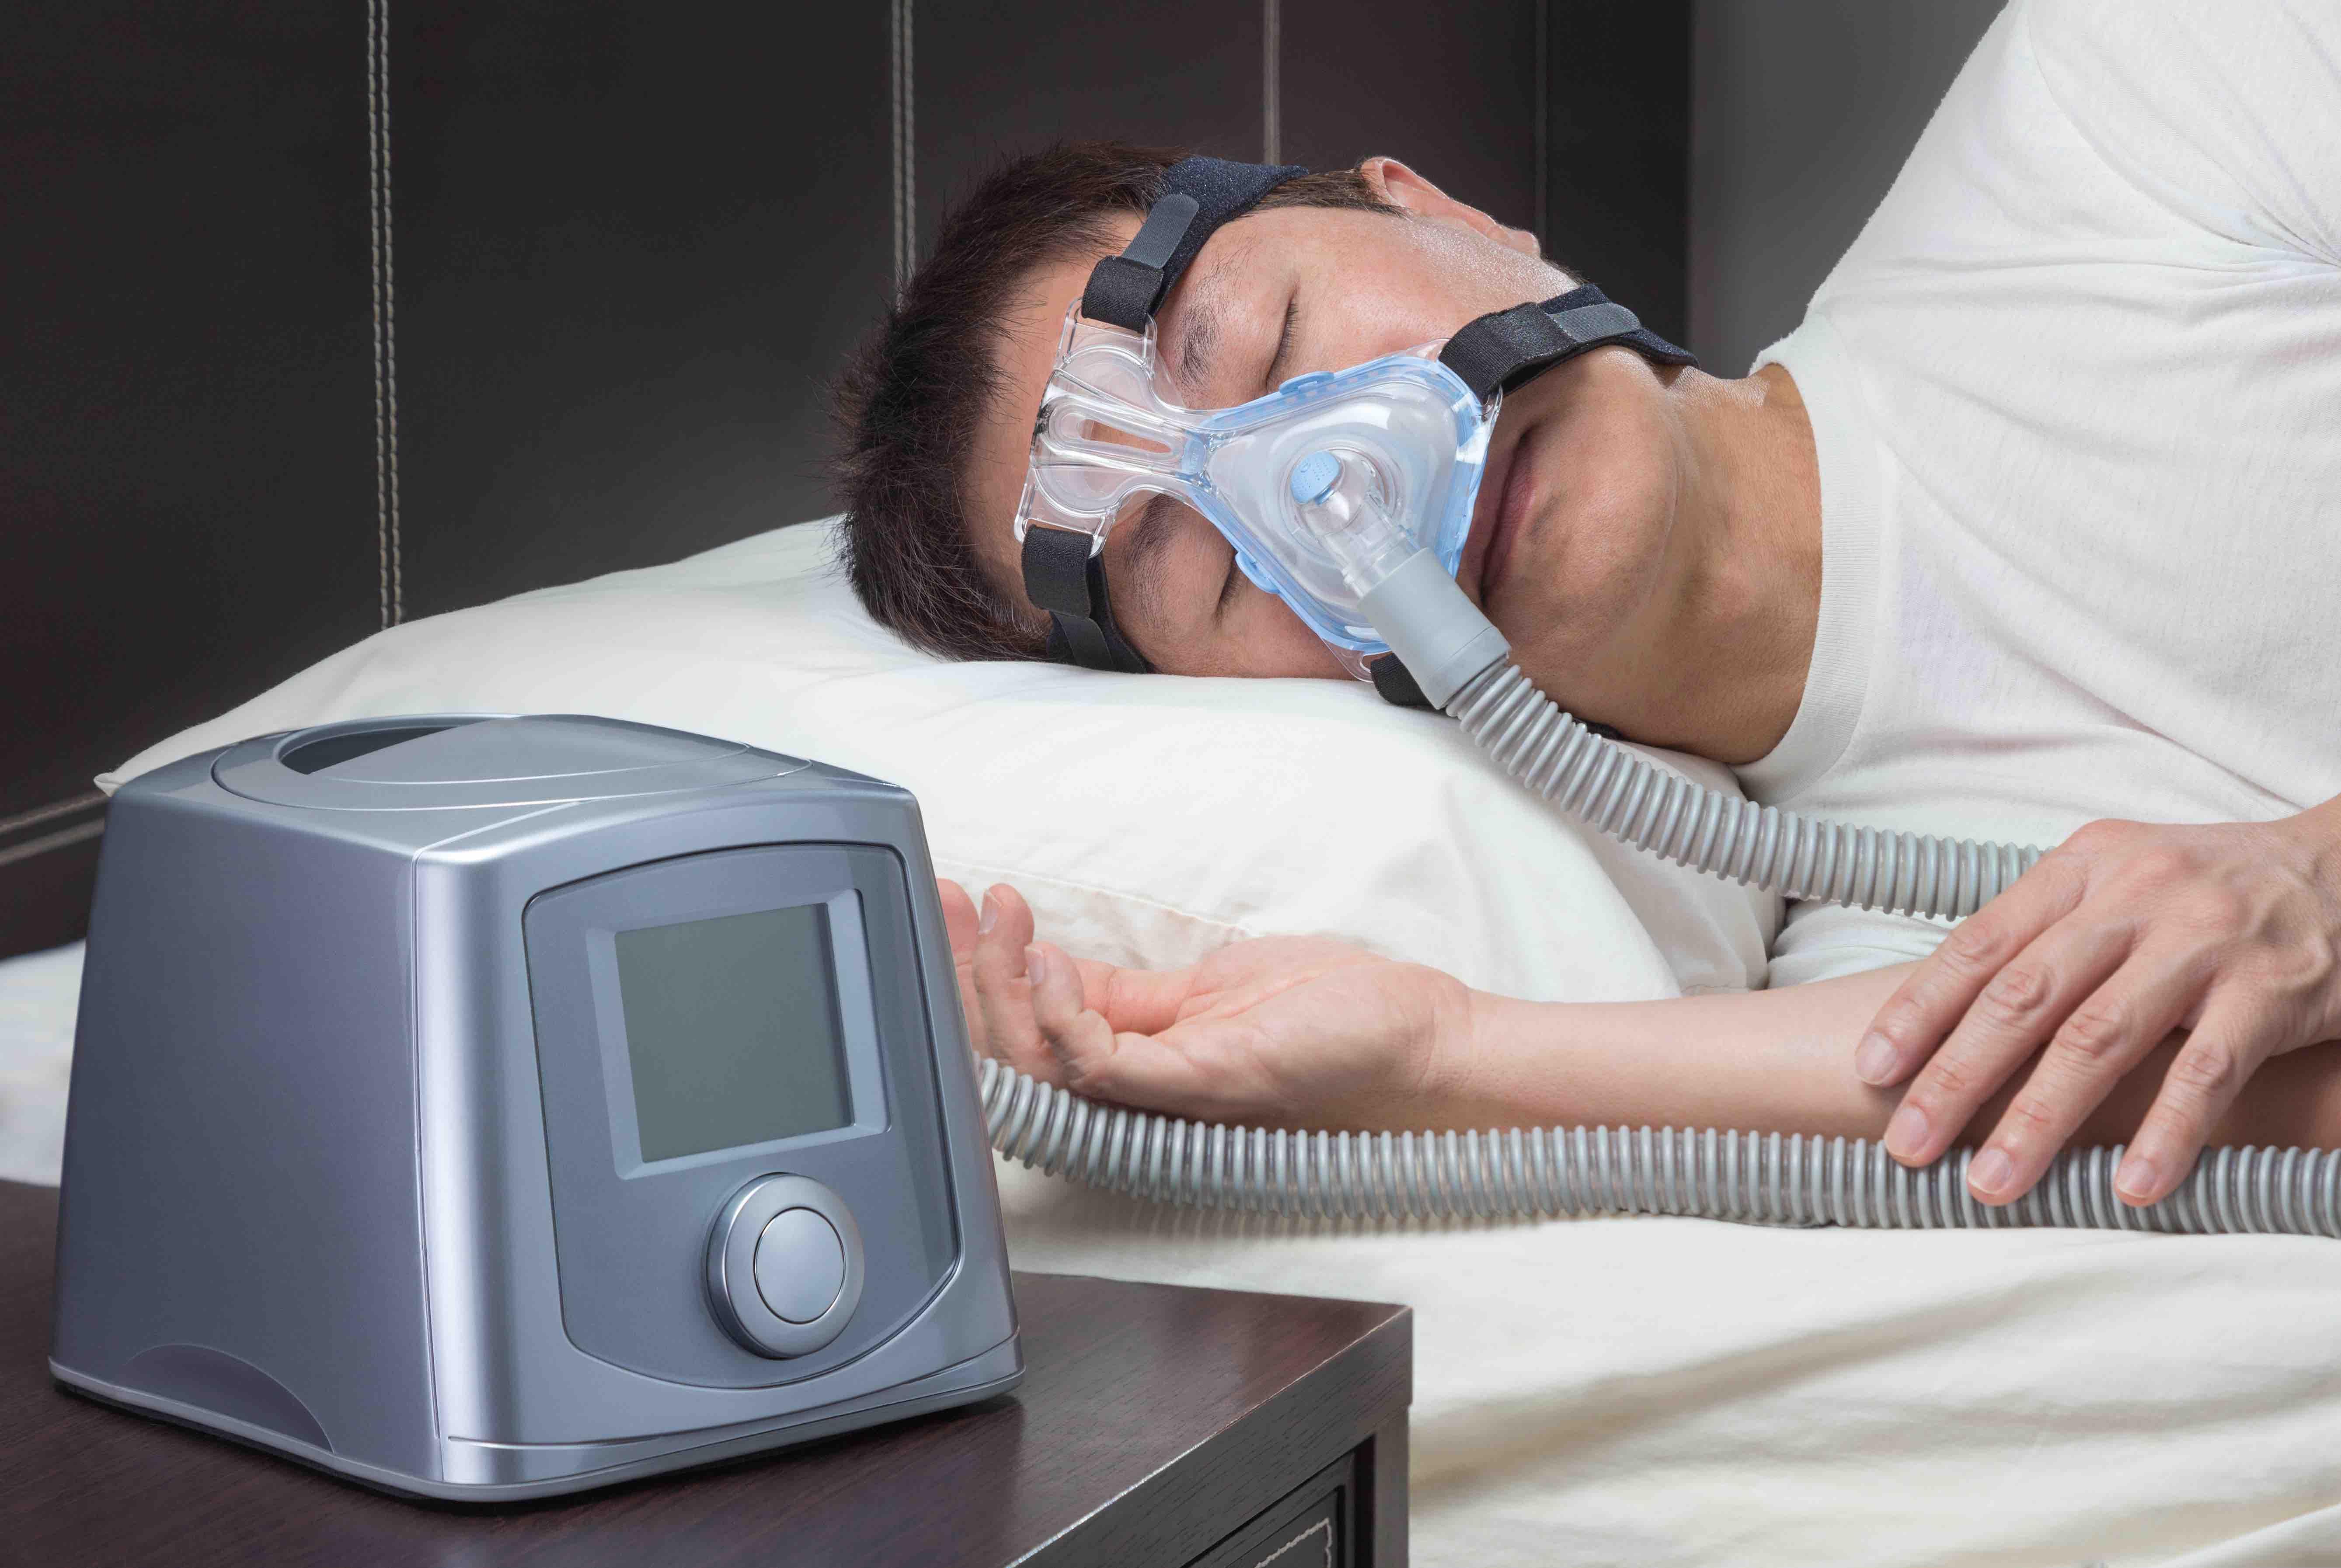 apnea-heart